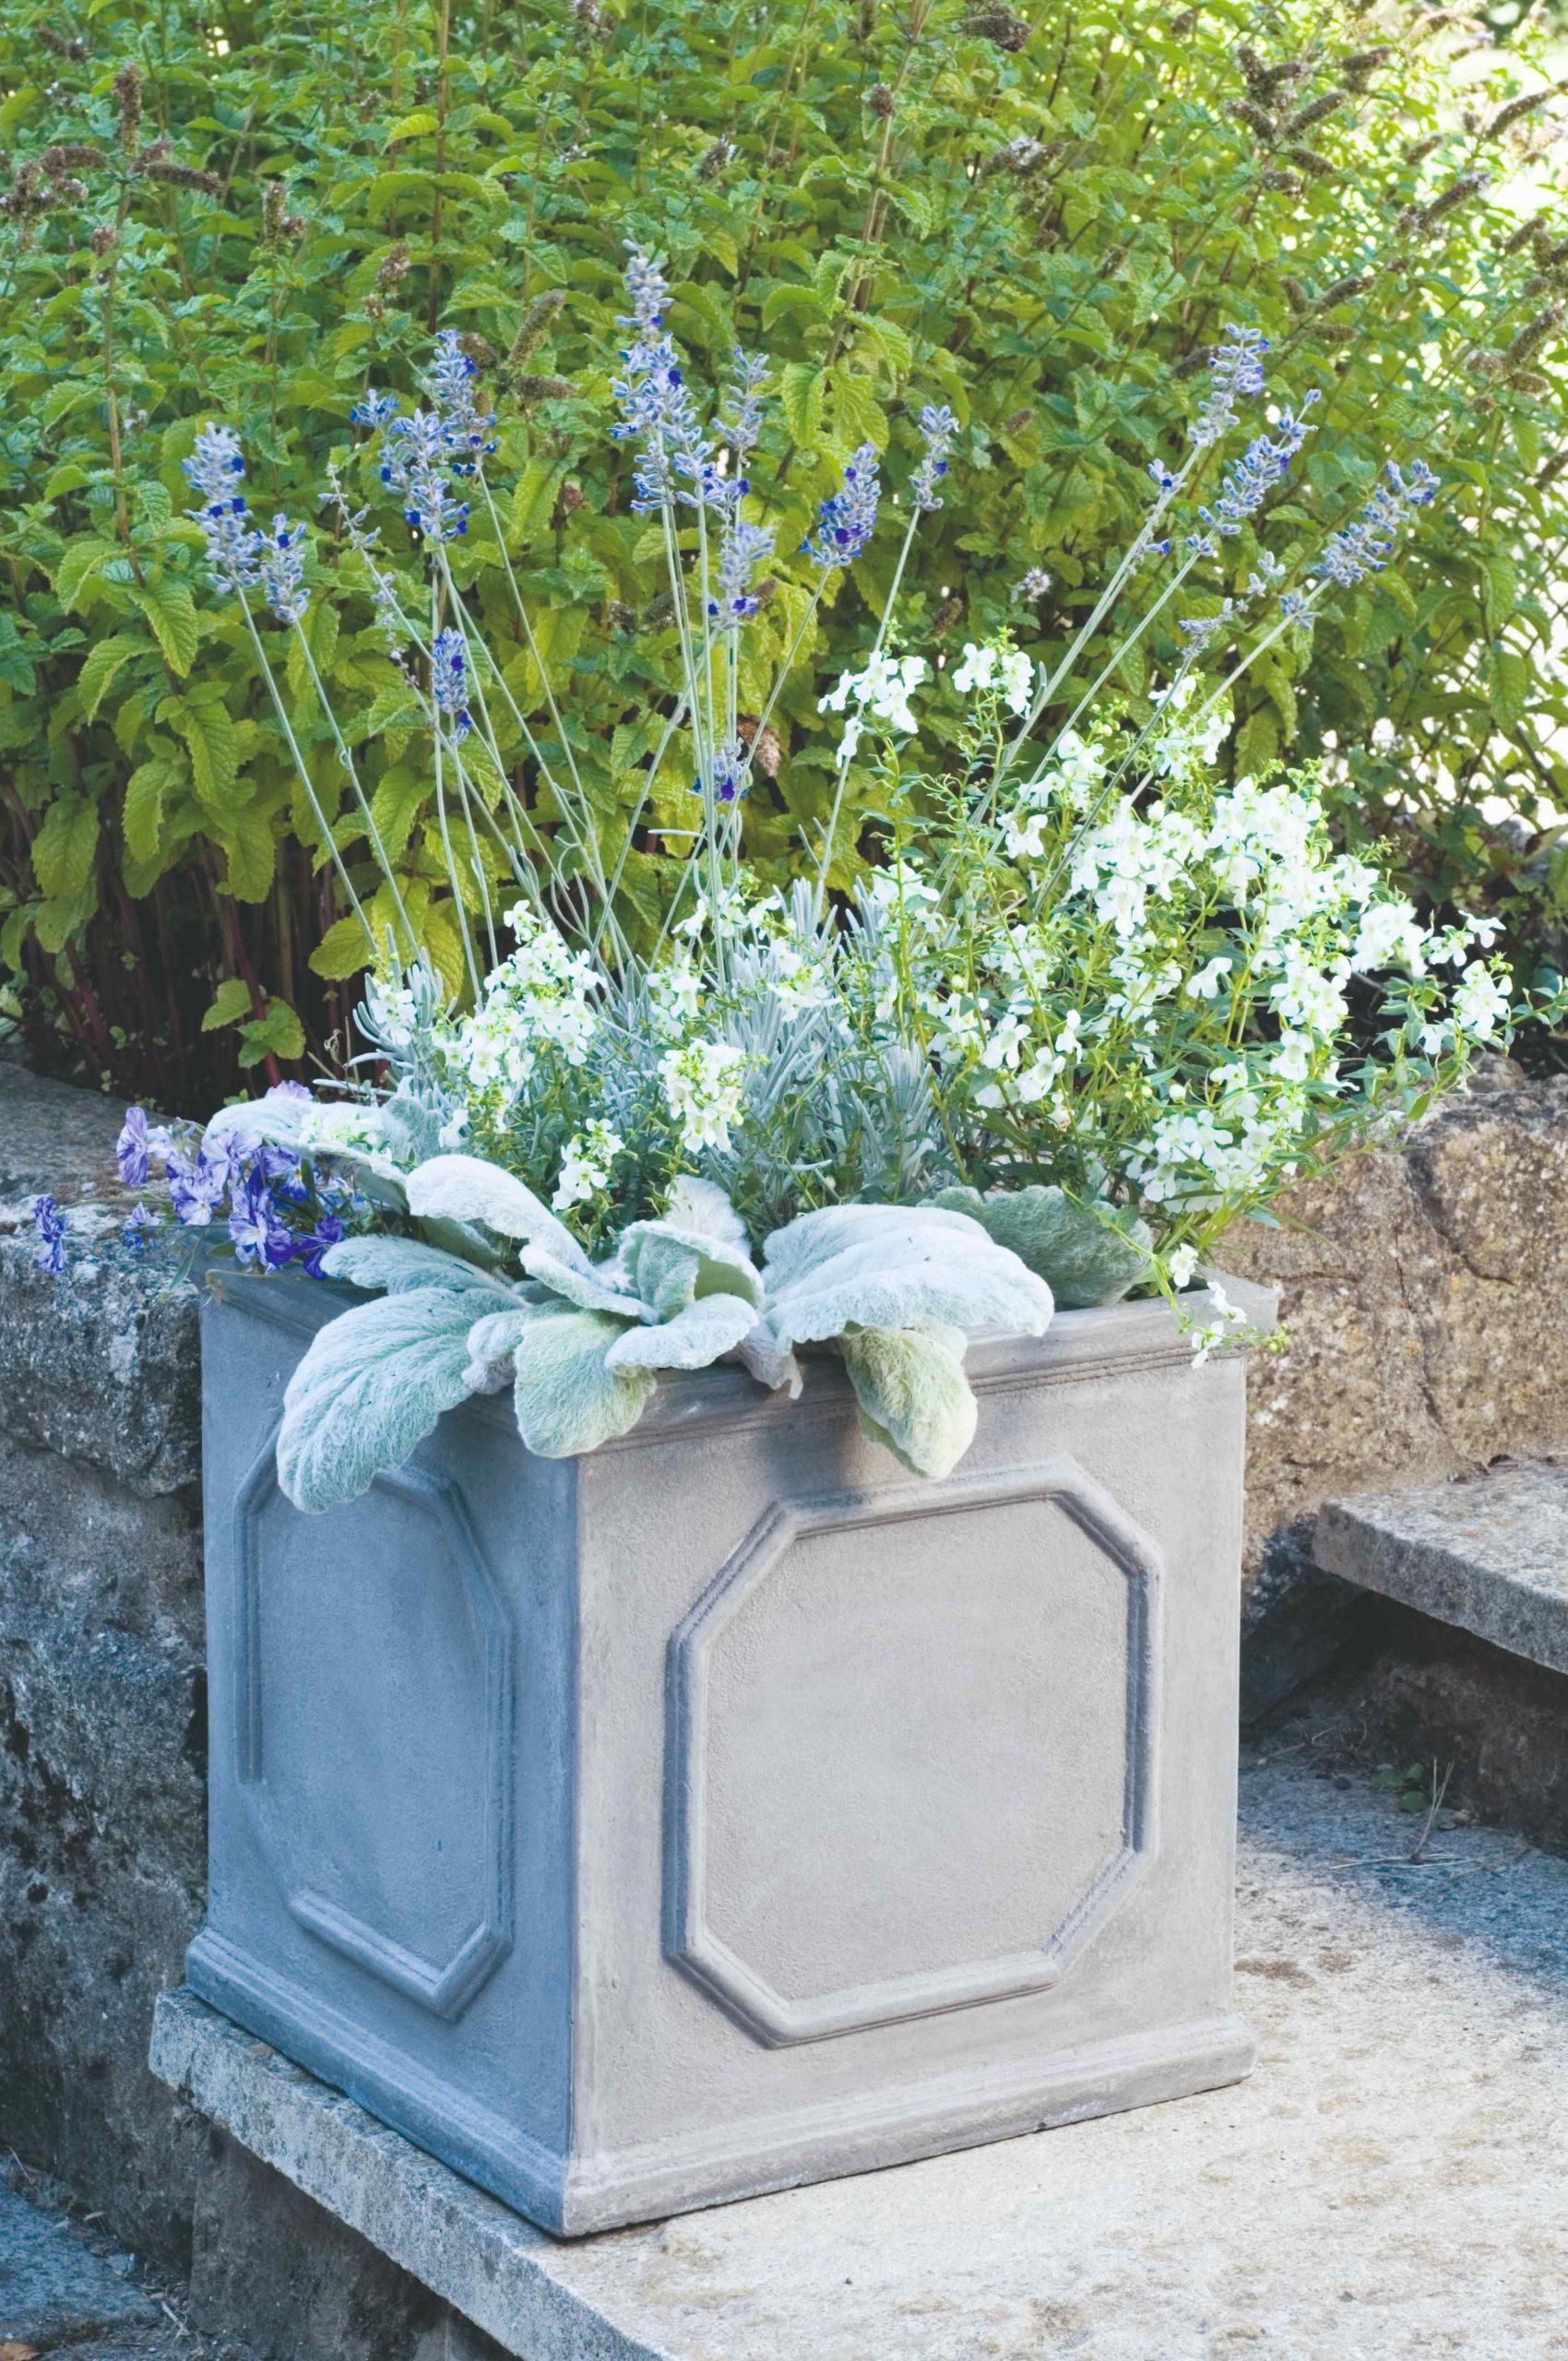 Kvetiny v kvetináči ladené do strieborna